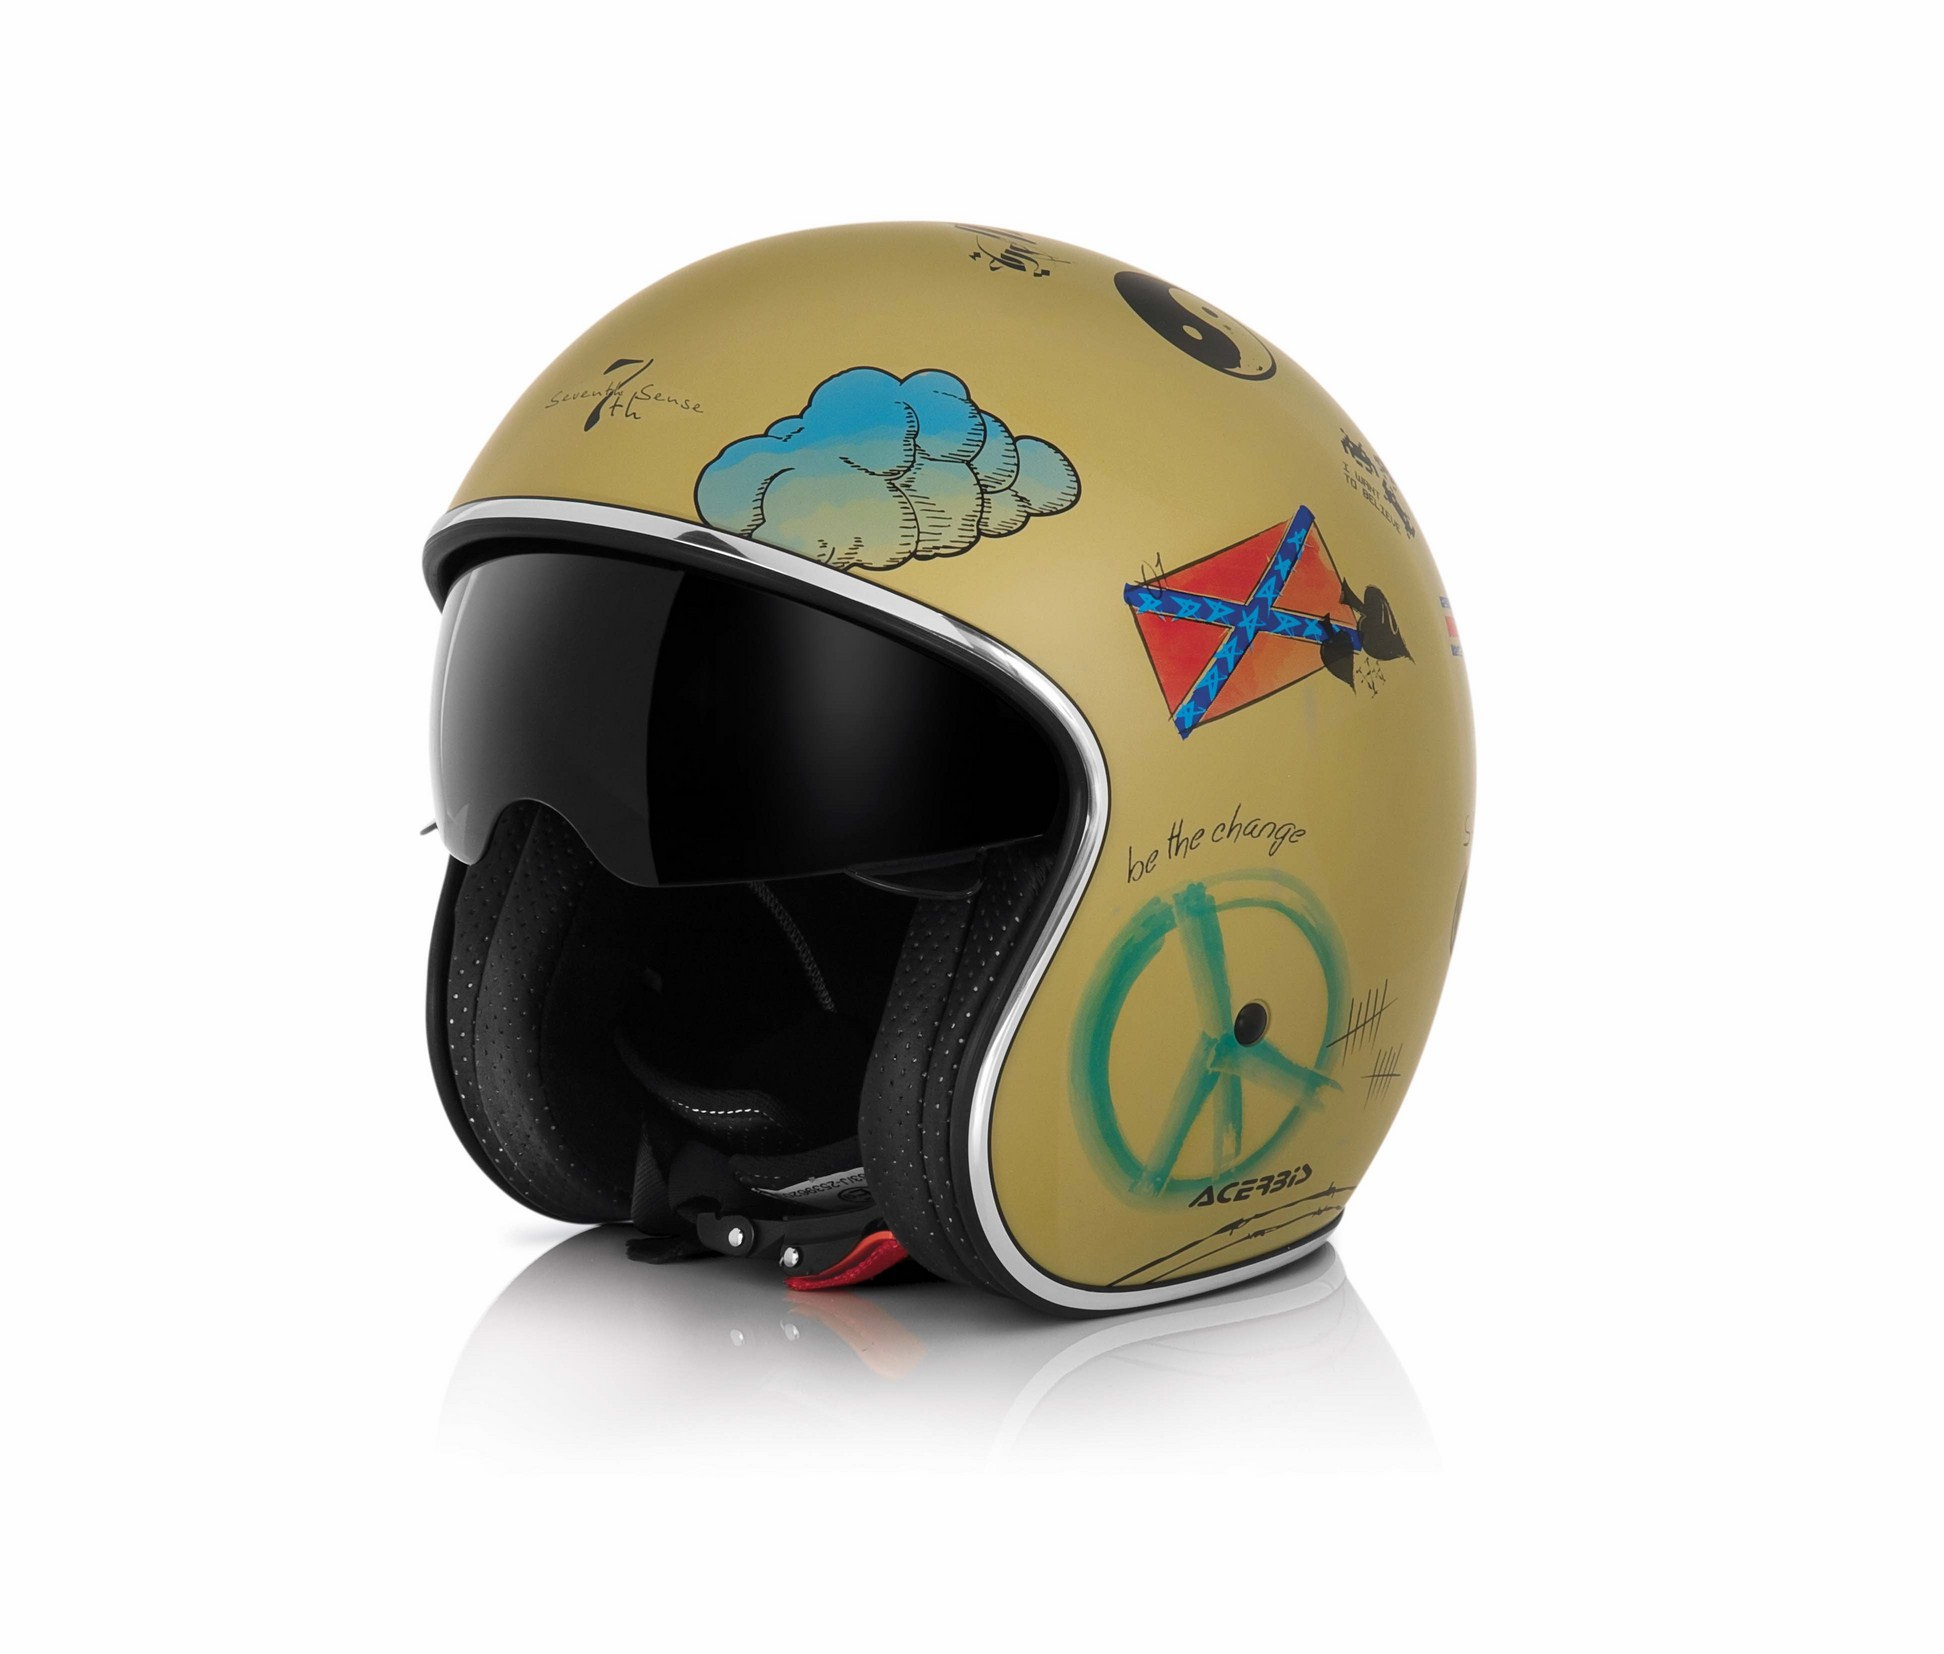 Jet Helmet Acerbis San Francisco